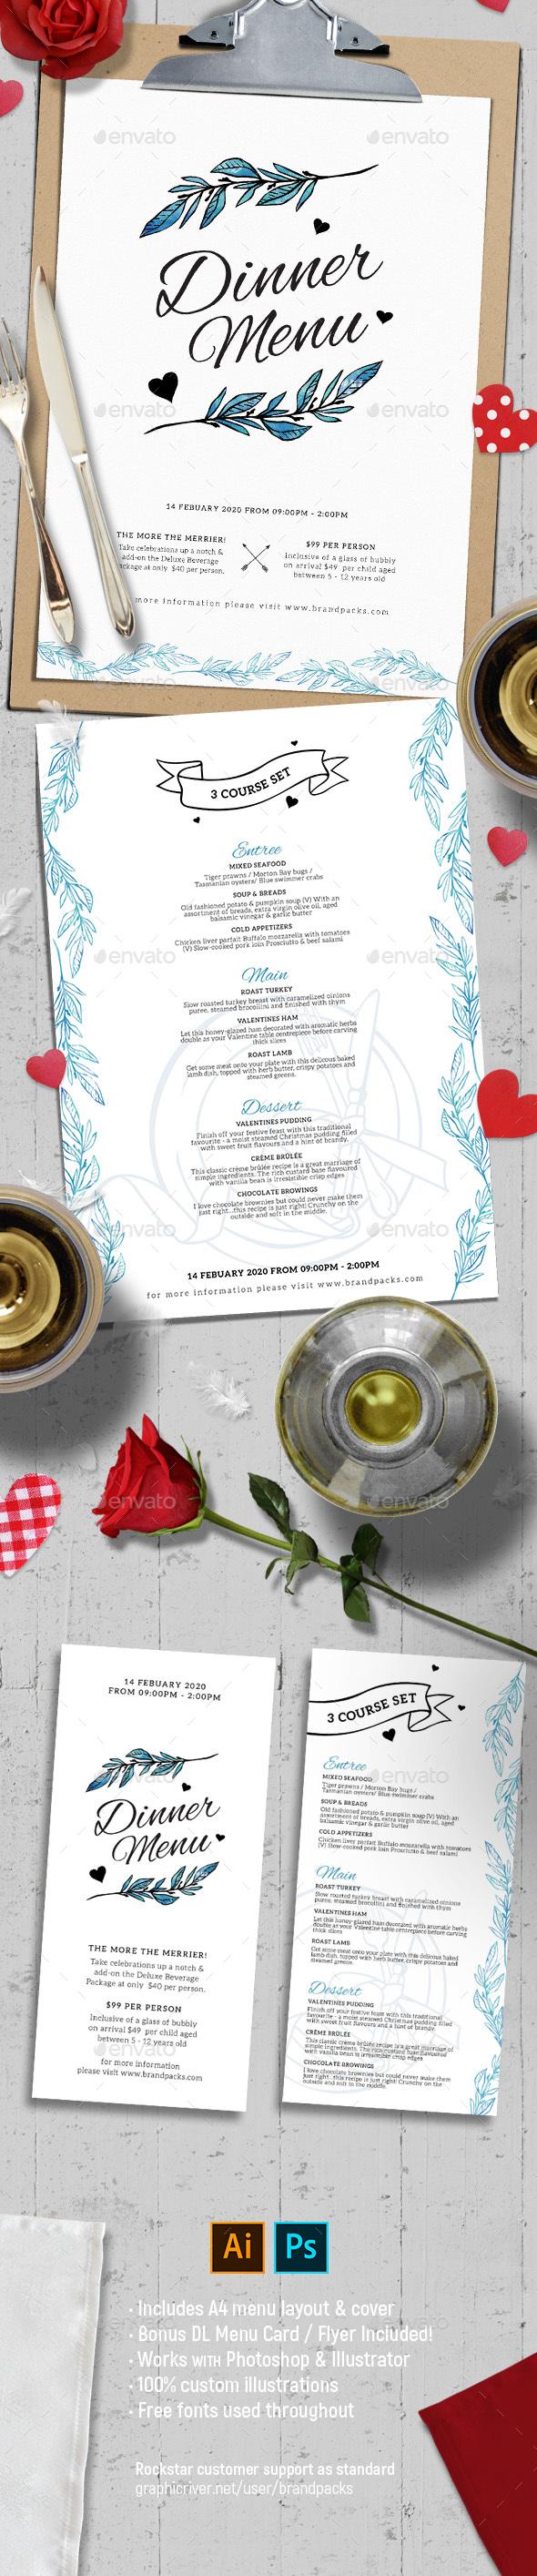 Valentine's Day Menu Vol. 3 - Food Menus Print Templates